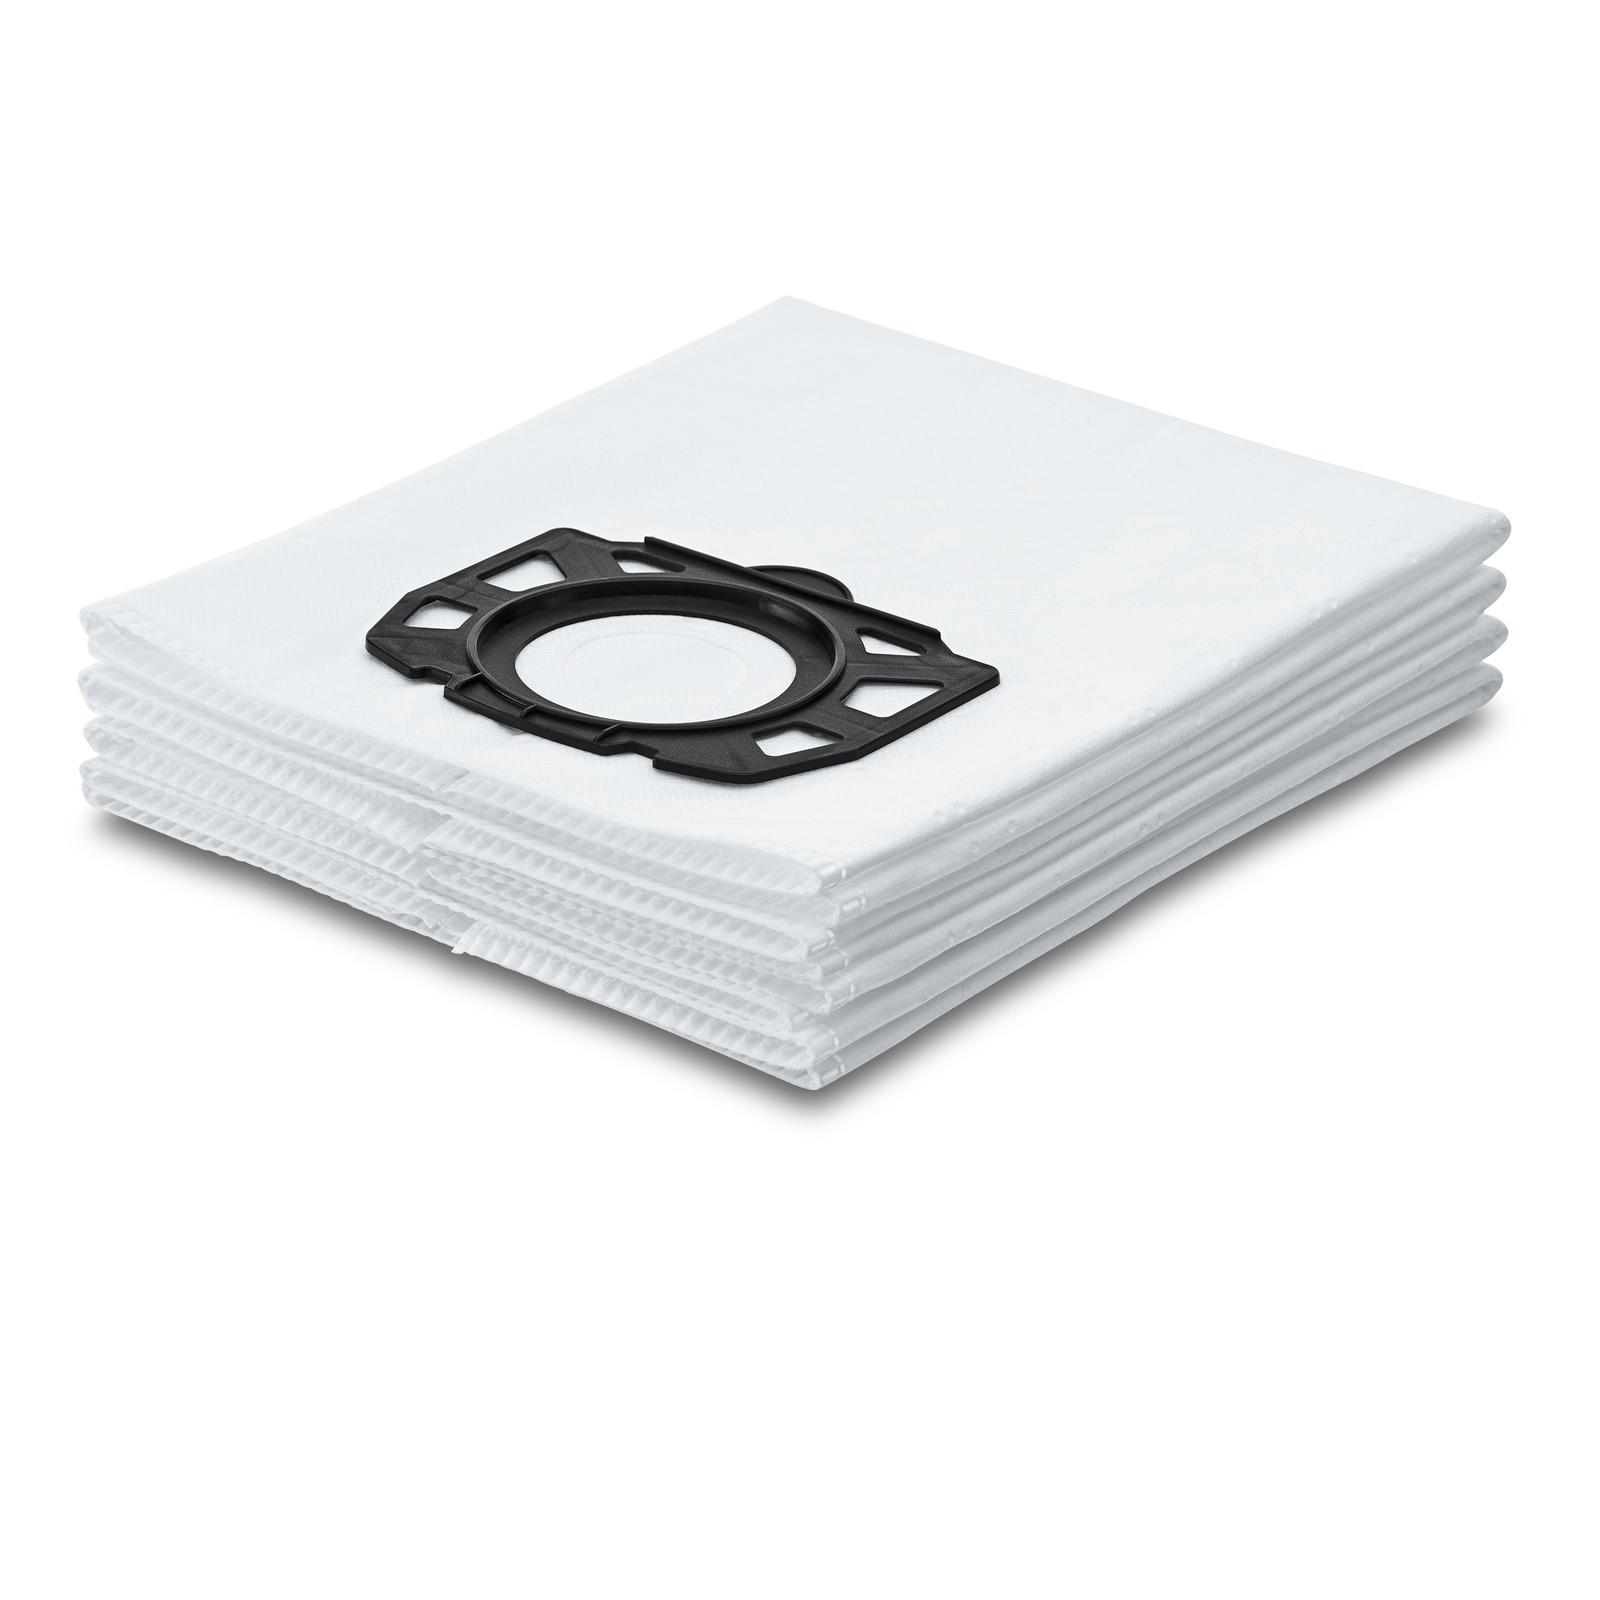 Купить Фильтр-мешки 4 шт. для Karcher mv 4/5/6, фильтр